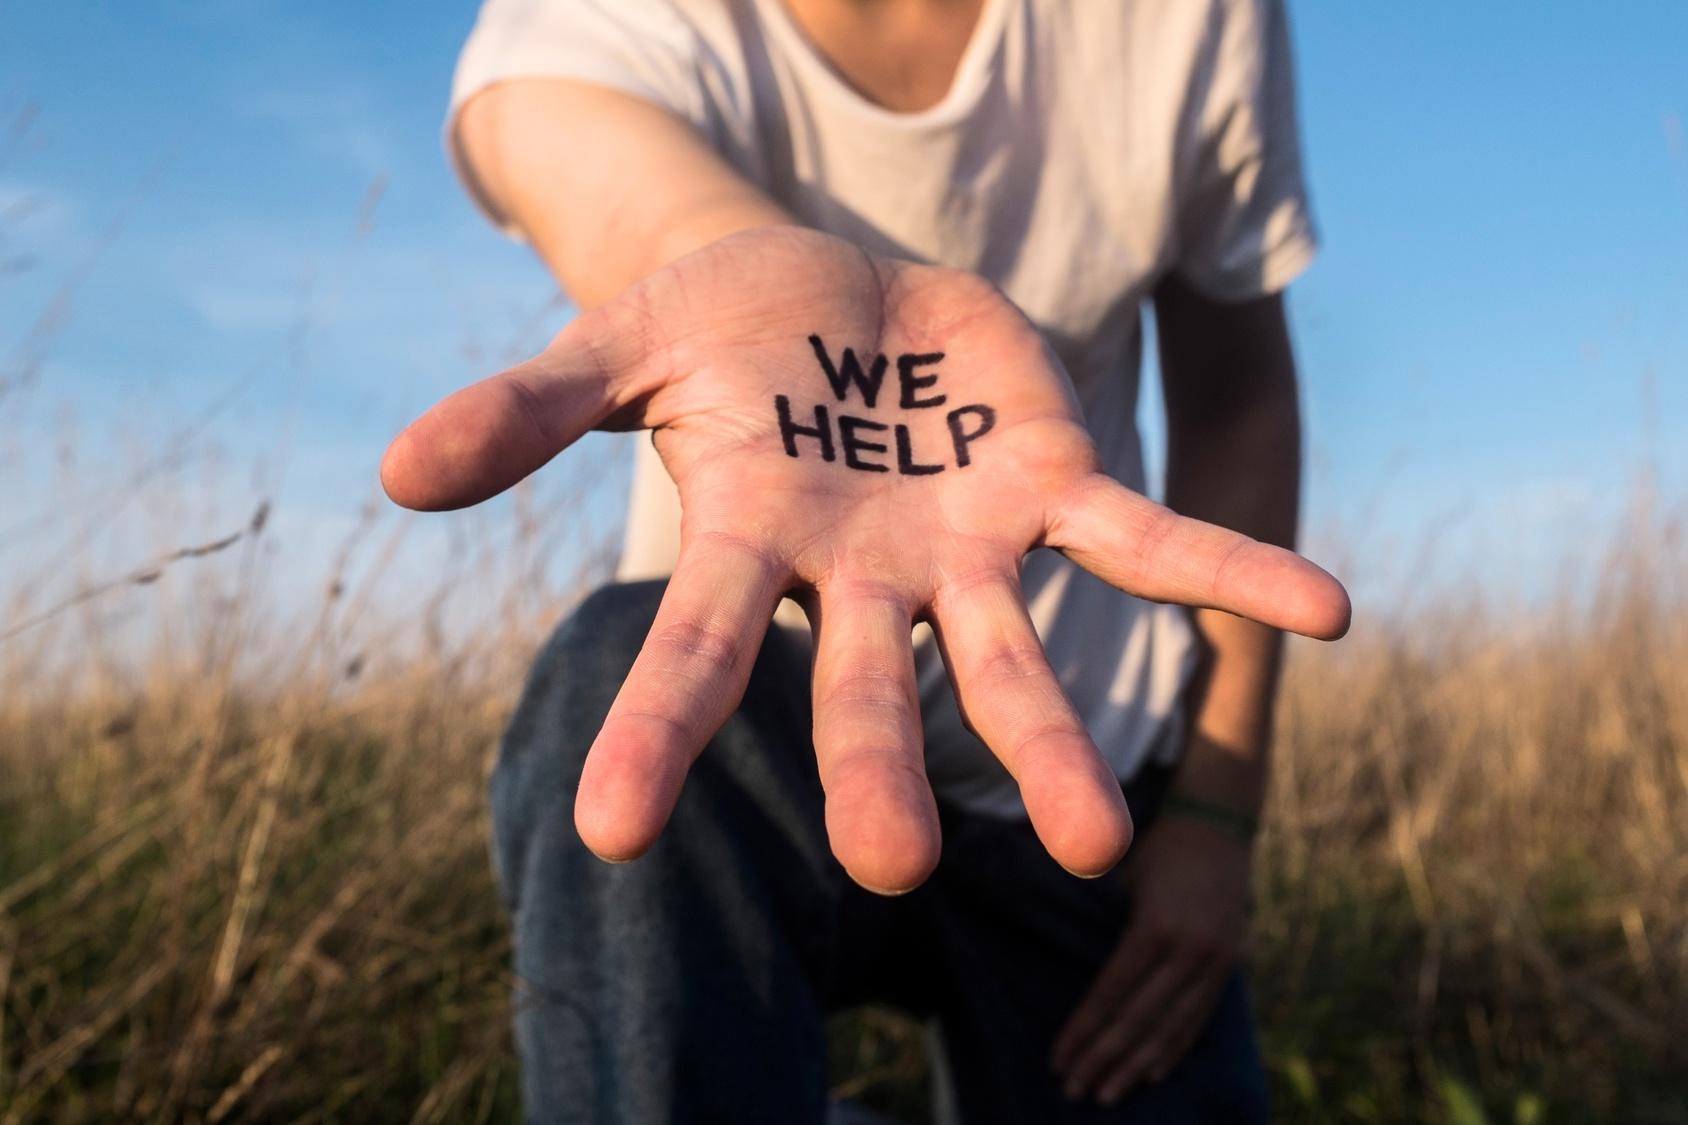 """Wyciągnięta dłoń; na niej napis: We help [Pomagamy] /Ilustracja do tekstu: Projekt """"Bezpestkowe"""", czyli wsparcie w drodze do akceptacji MRKH"""